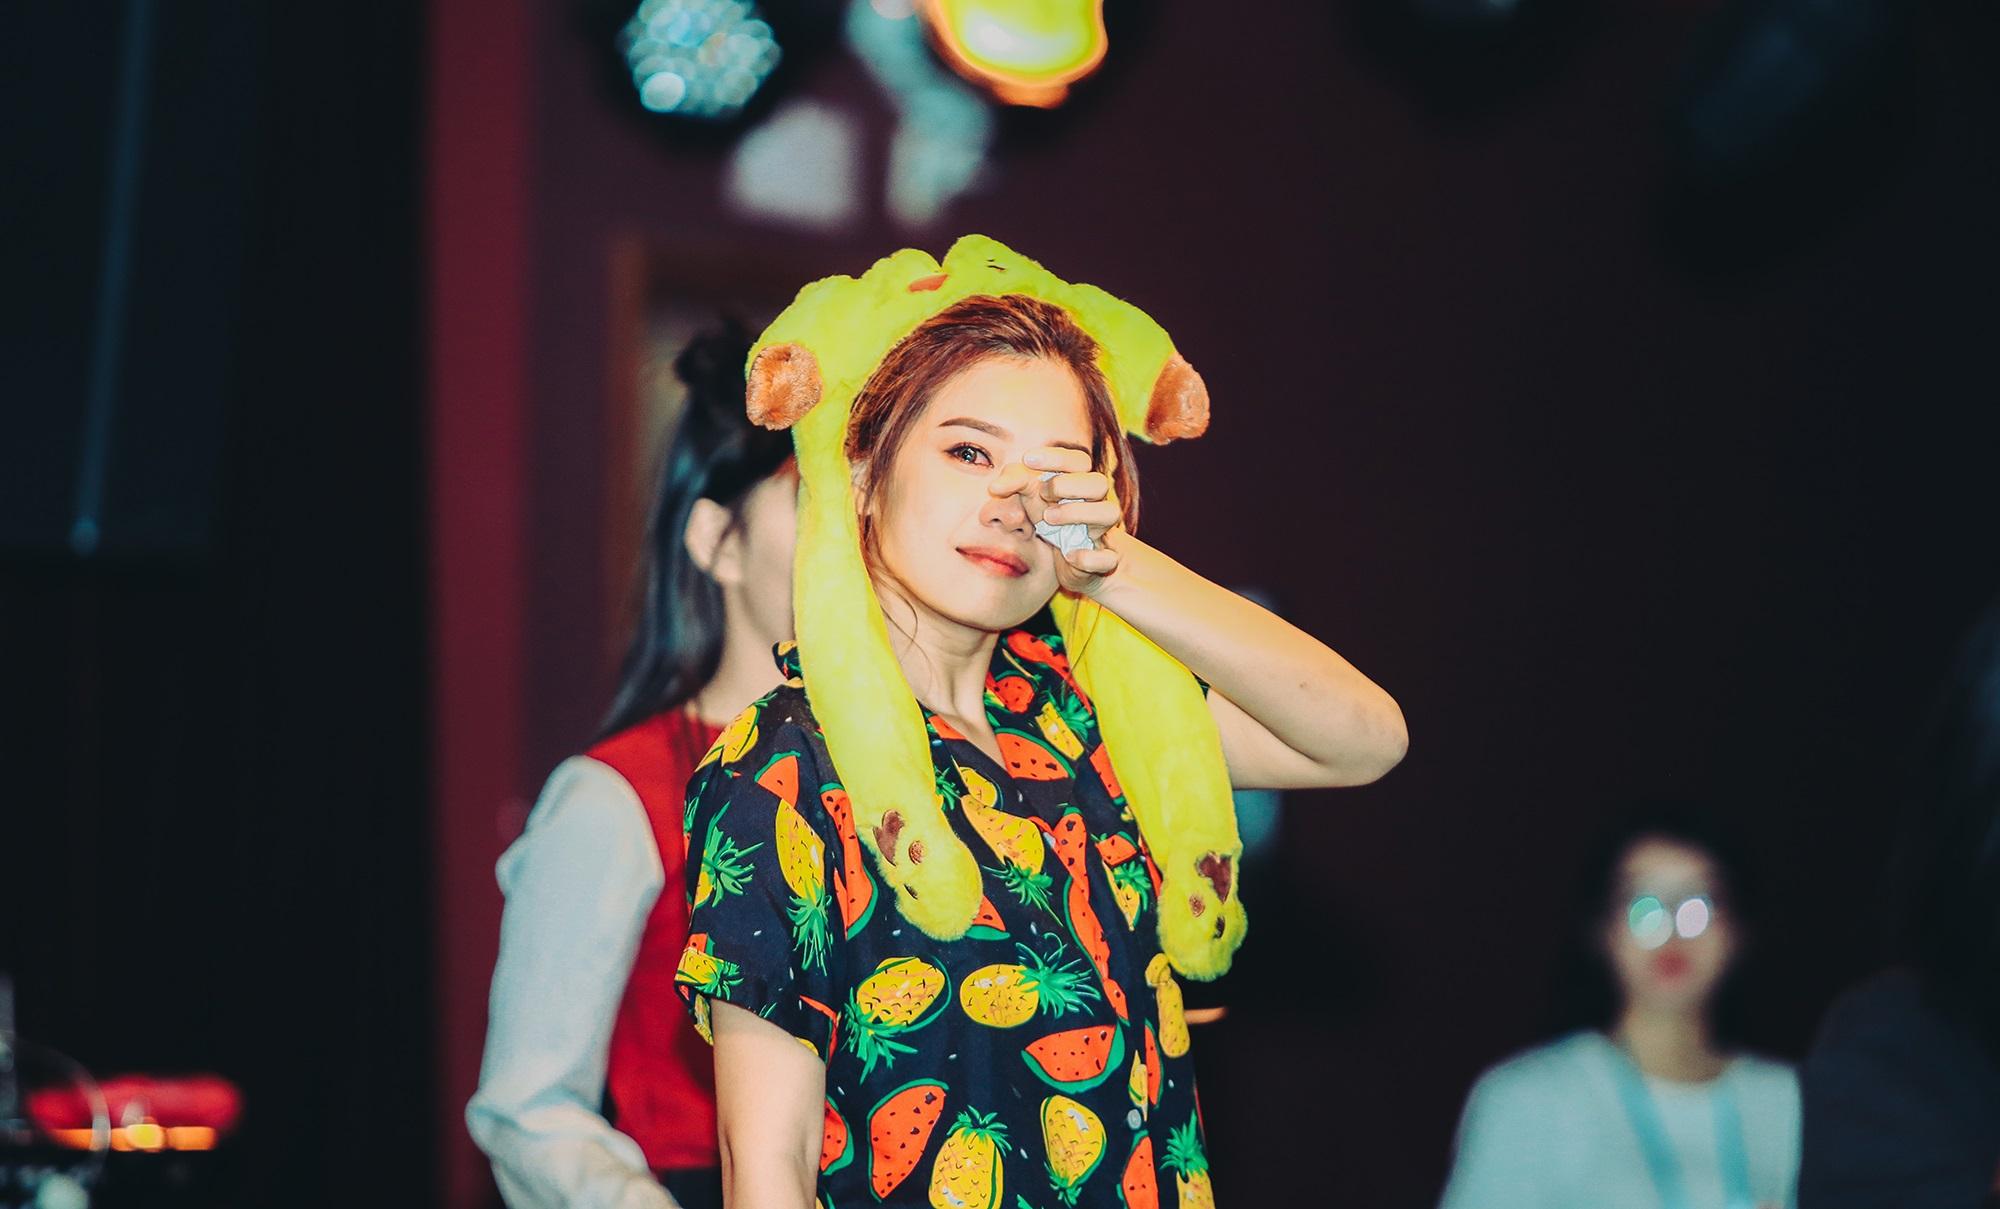 Hoàng Yến Chibi trở thành cô gái 'đa zi năng' khi 'trình làng' sáng tác đầu tay  - Ảnh 1